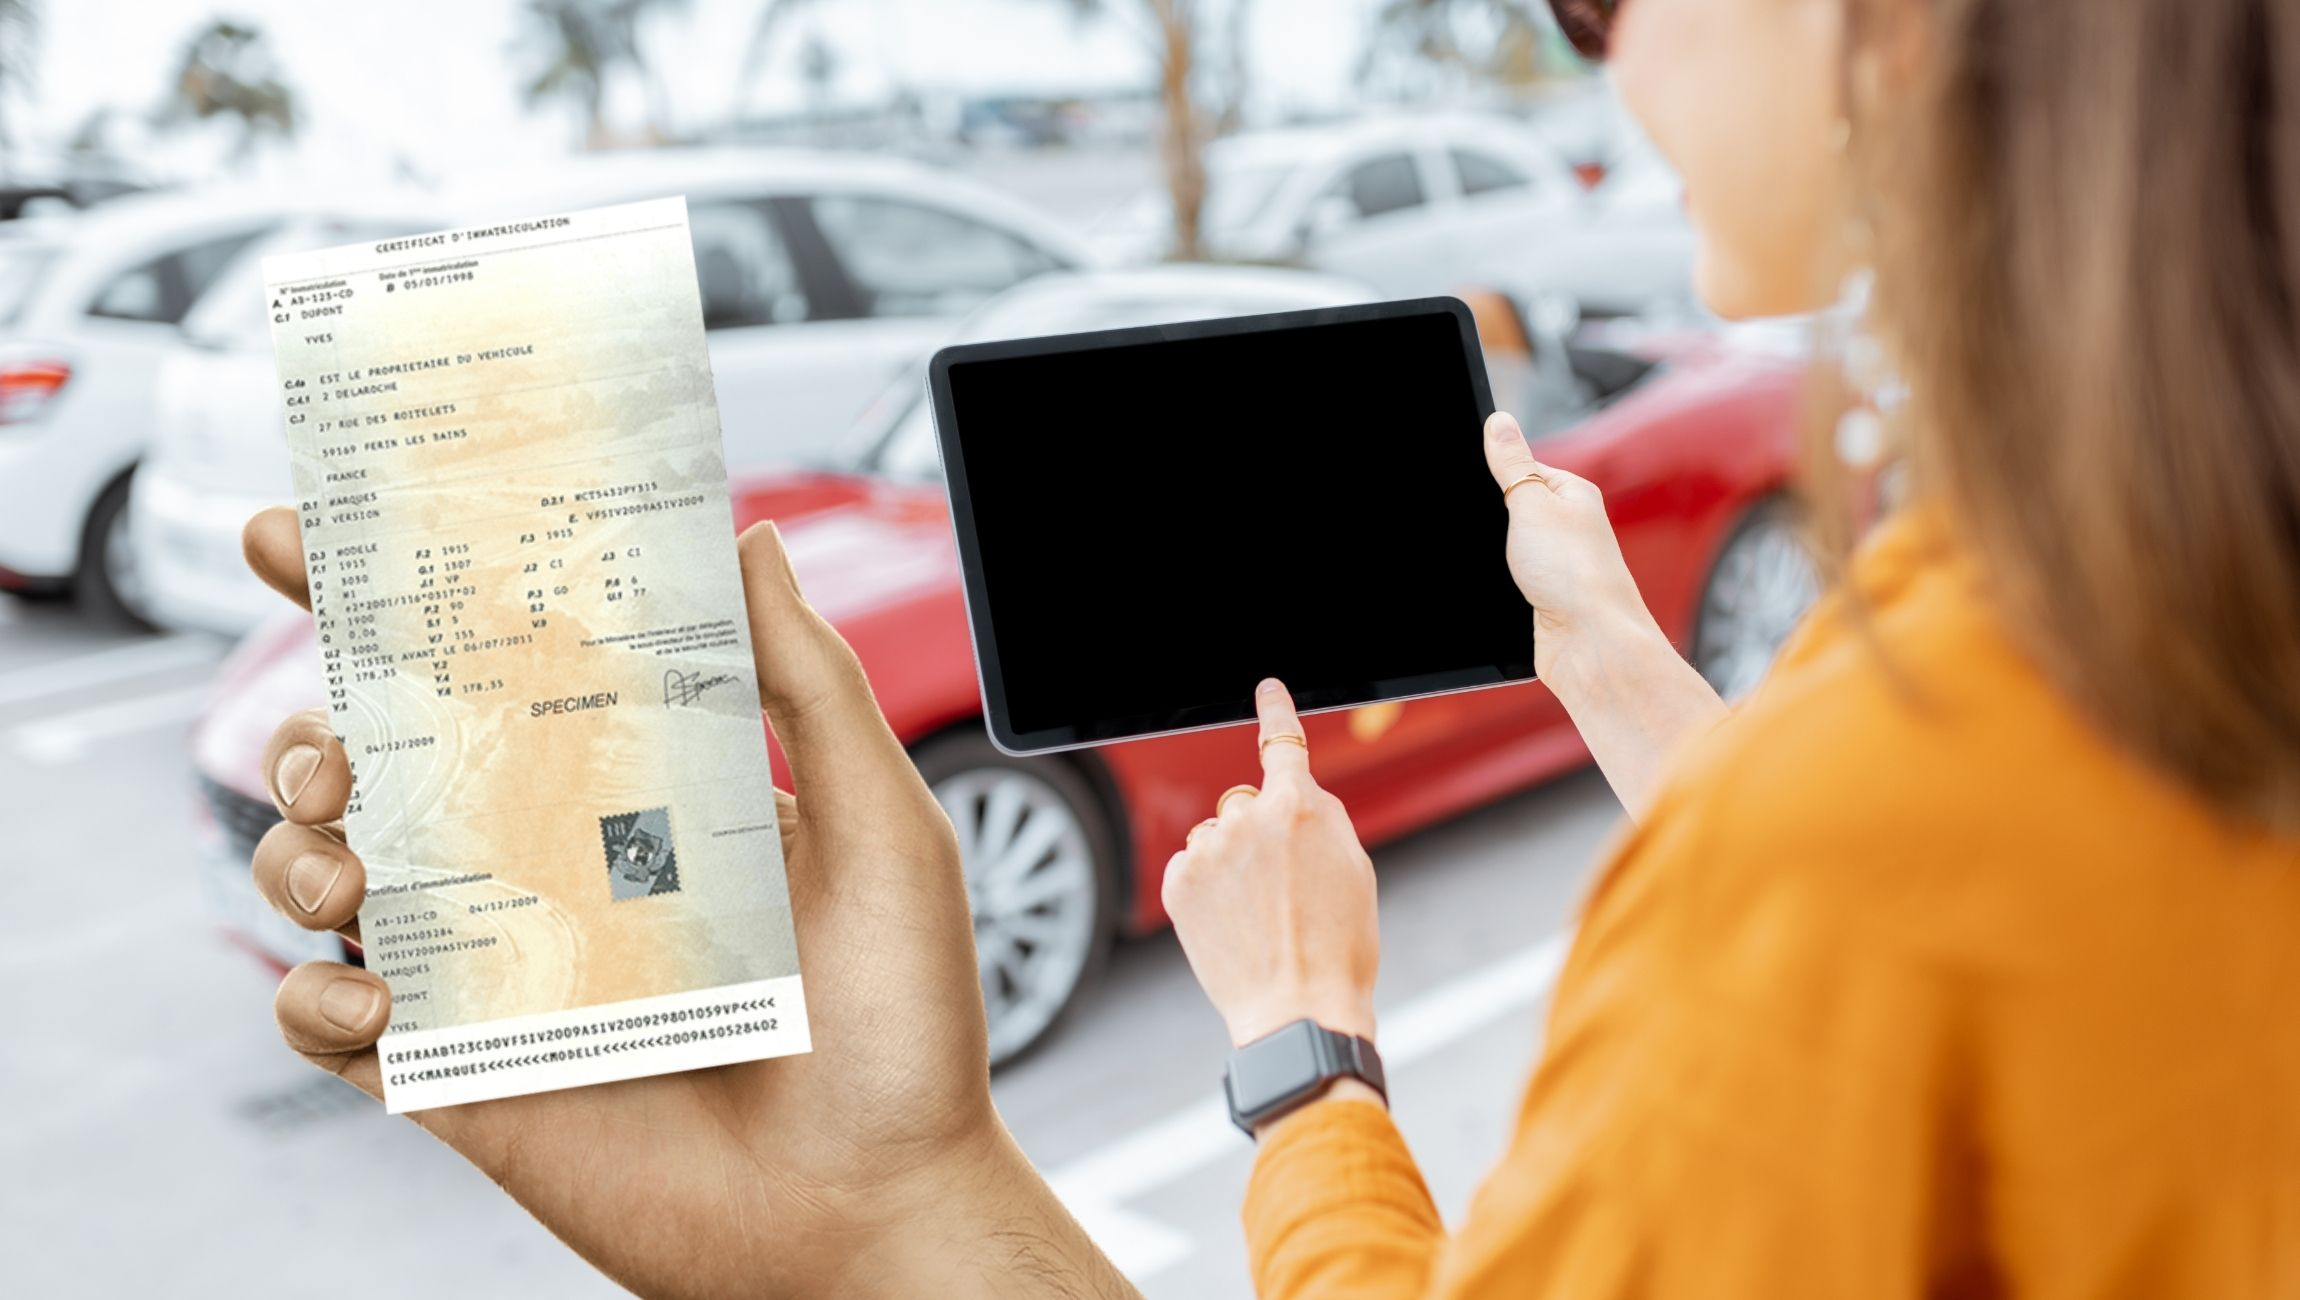 changer certificat d'immatriculation sans code de cession